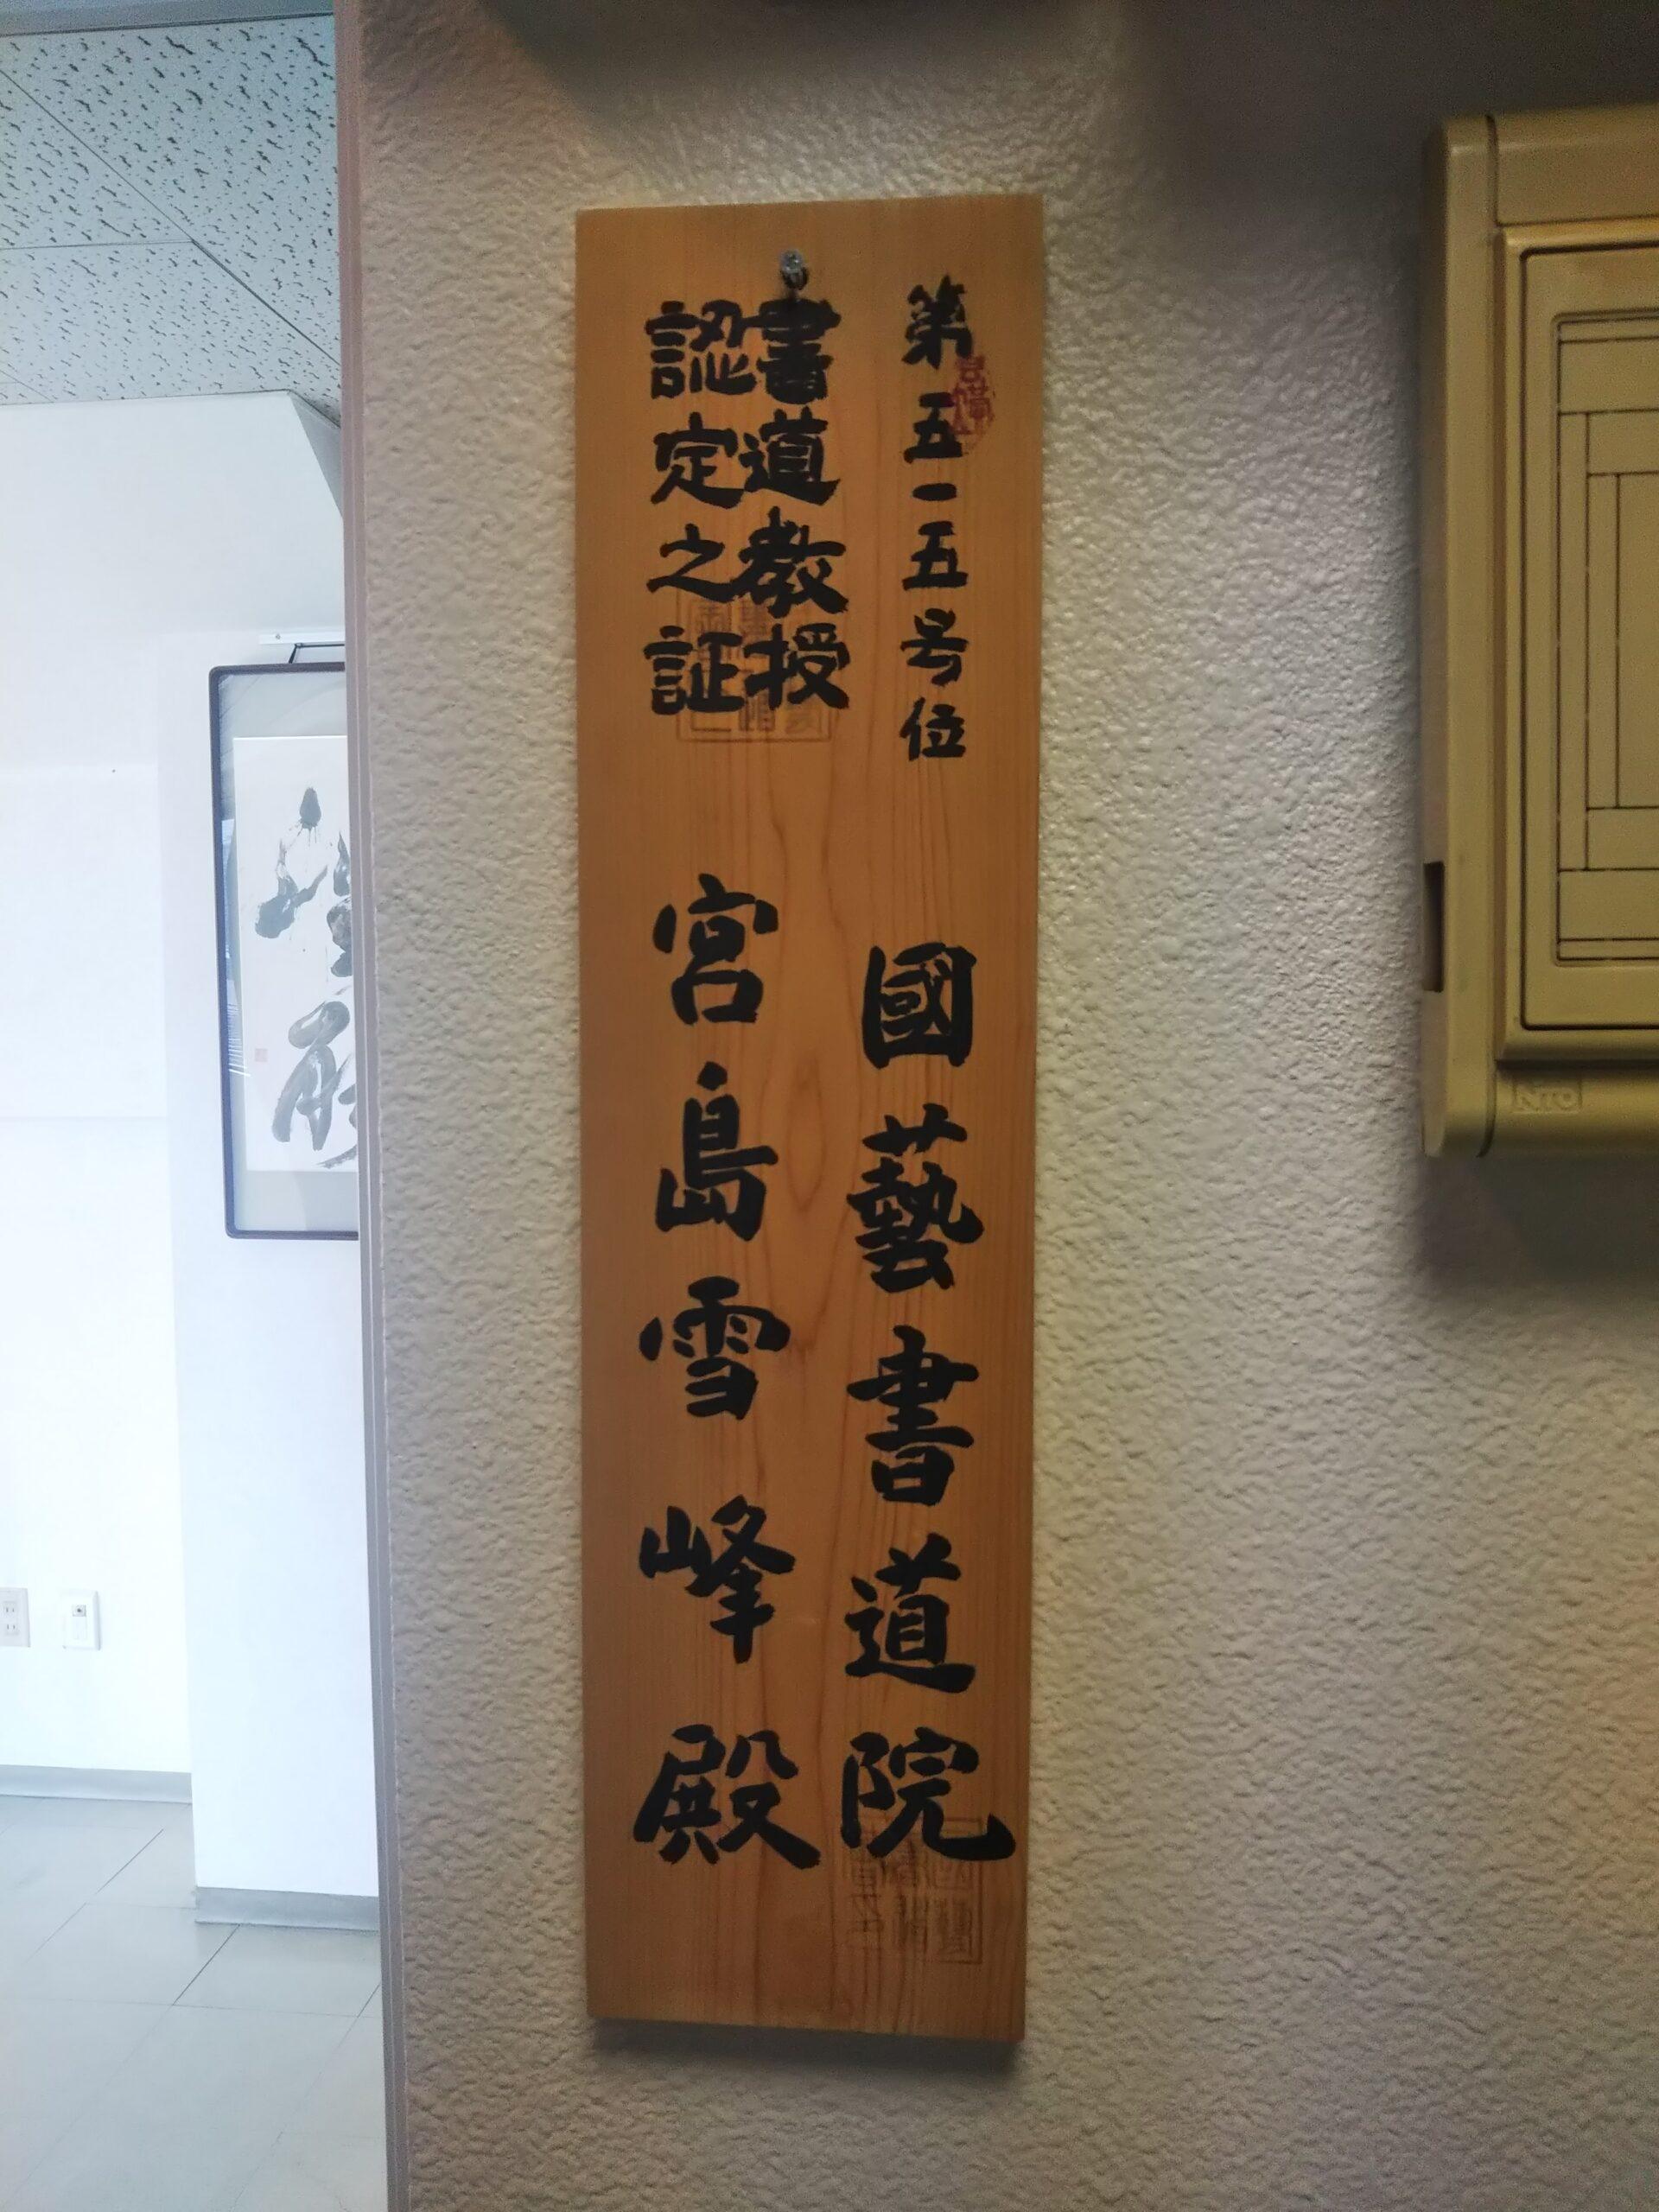 反町横浜囲碁サロンの入り口